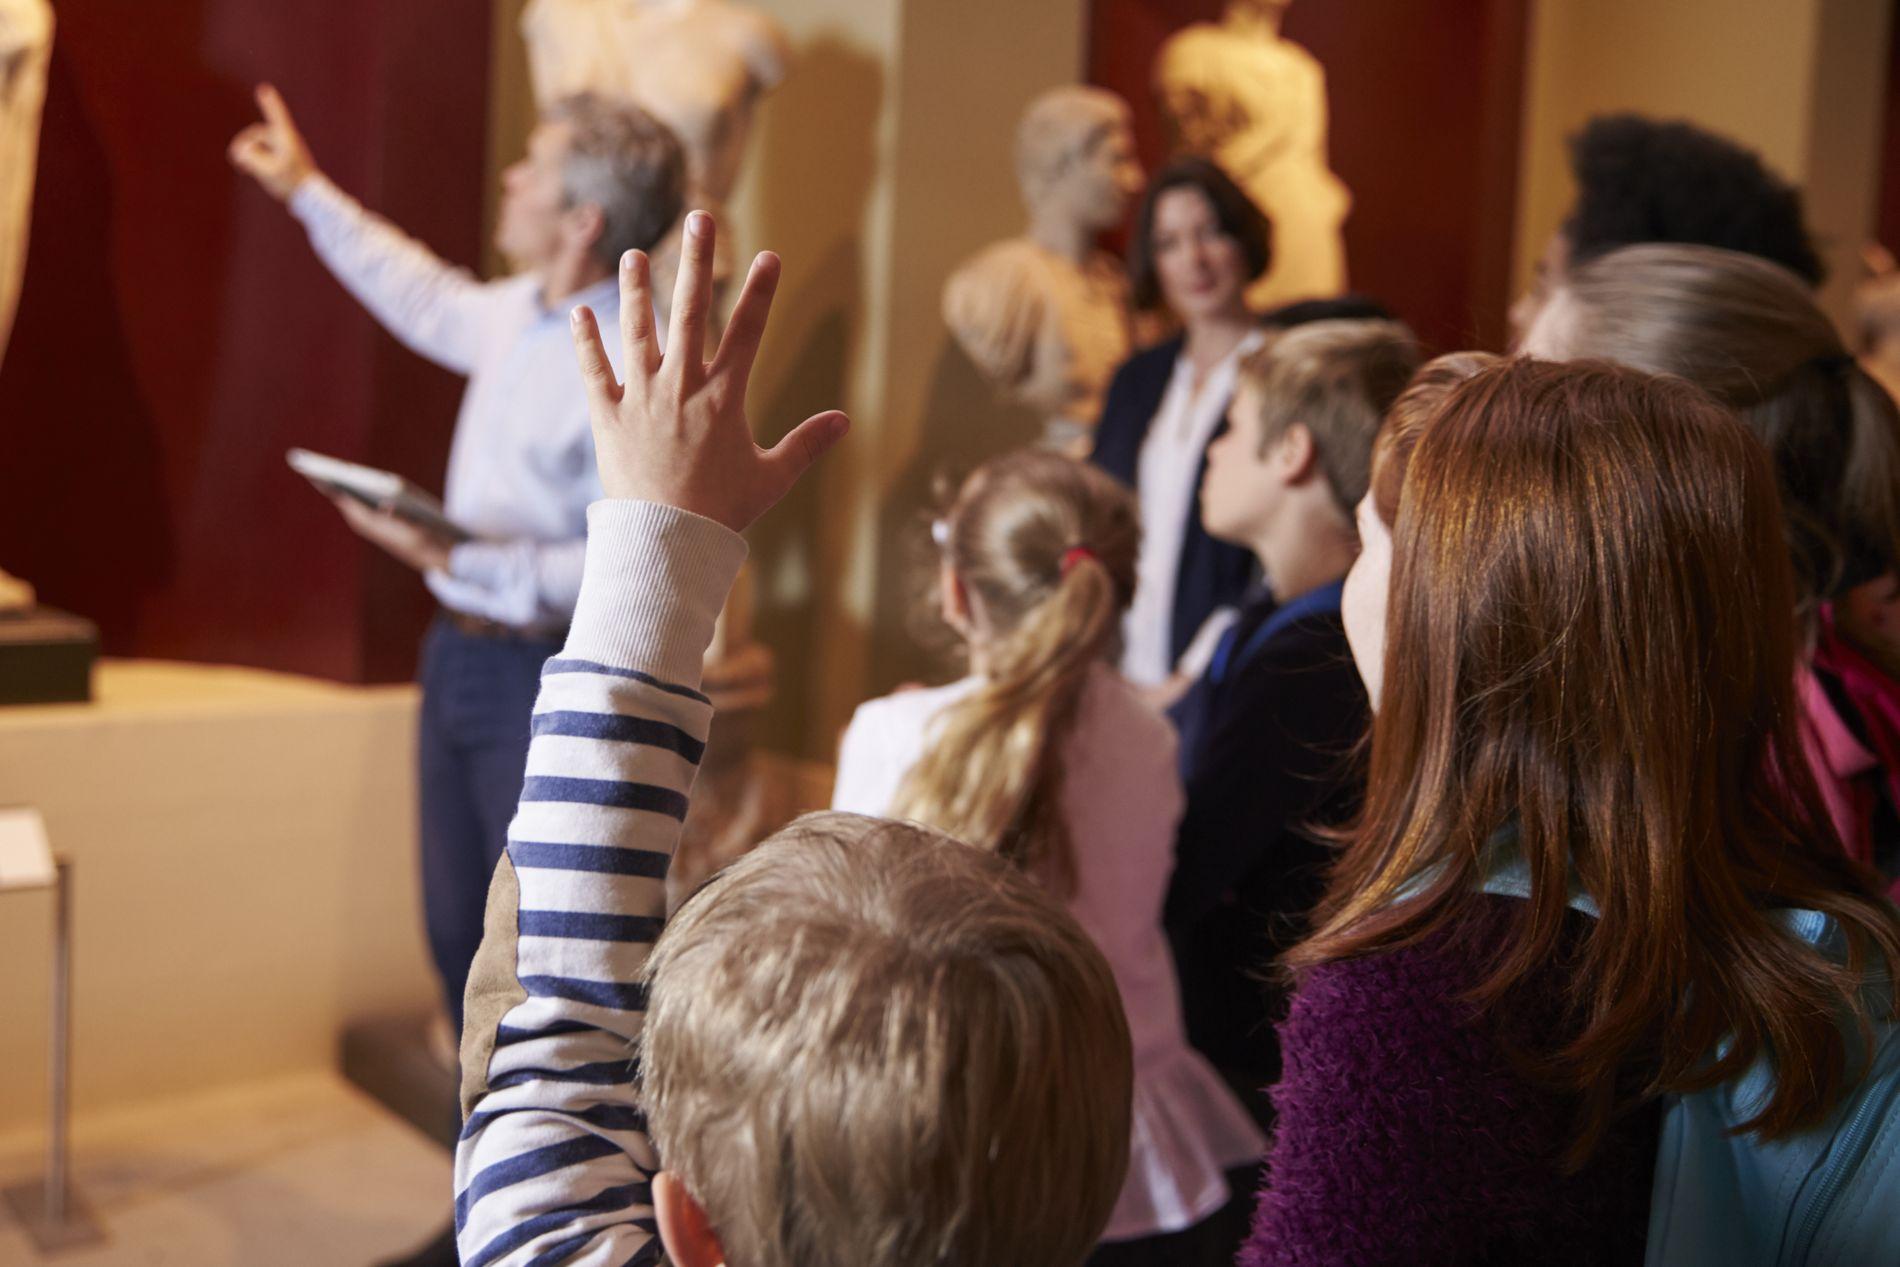 LÆRING: Lat barna undra seg, drøyma seg vekk, leva seg inn. Dei lærer av det òg, det lovar me, sjølv om det ikkje alltid viser på nasjonal prøve, skriv Signe Bondhus-Jensen.